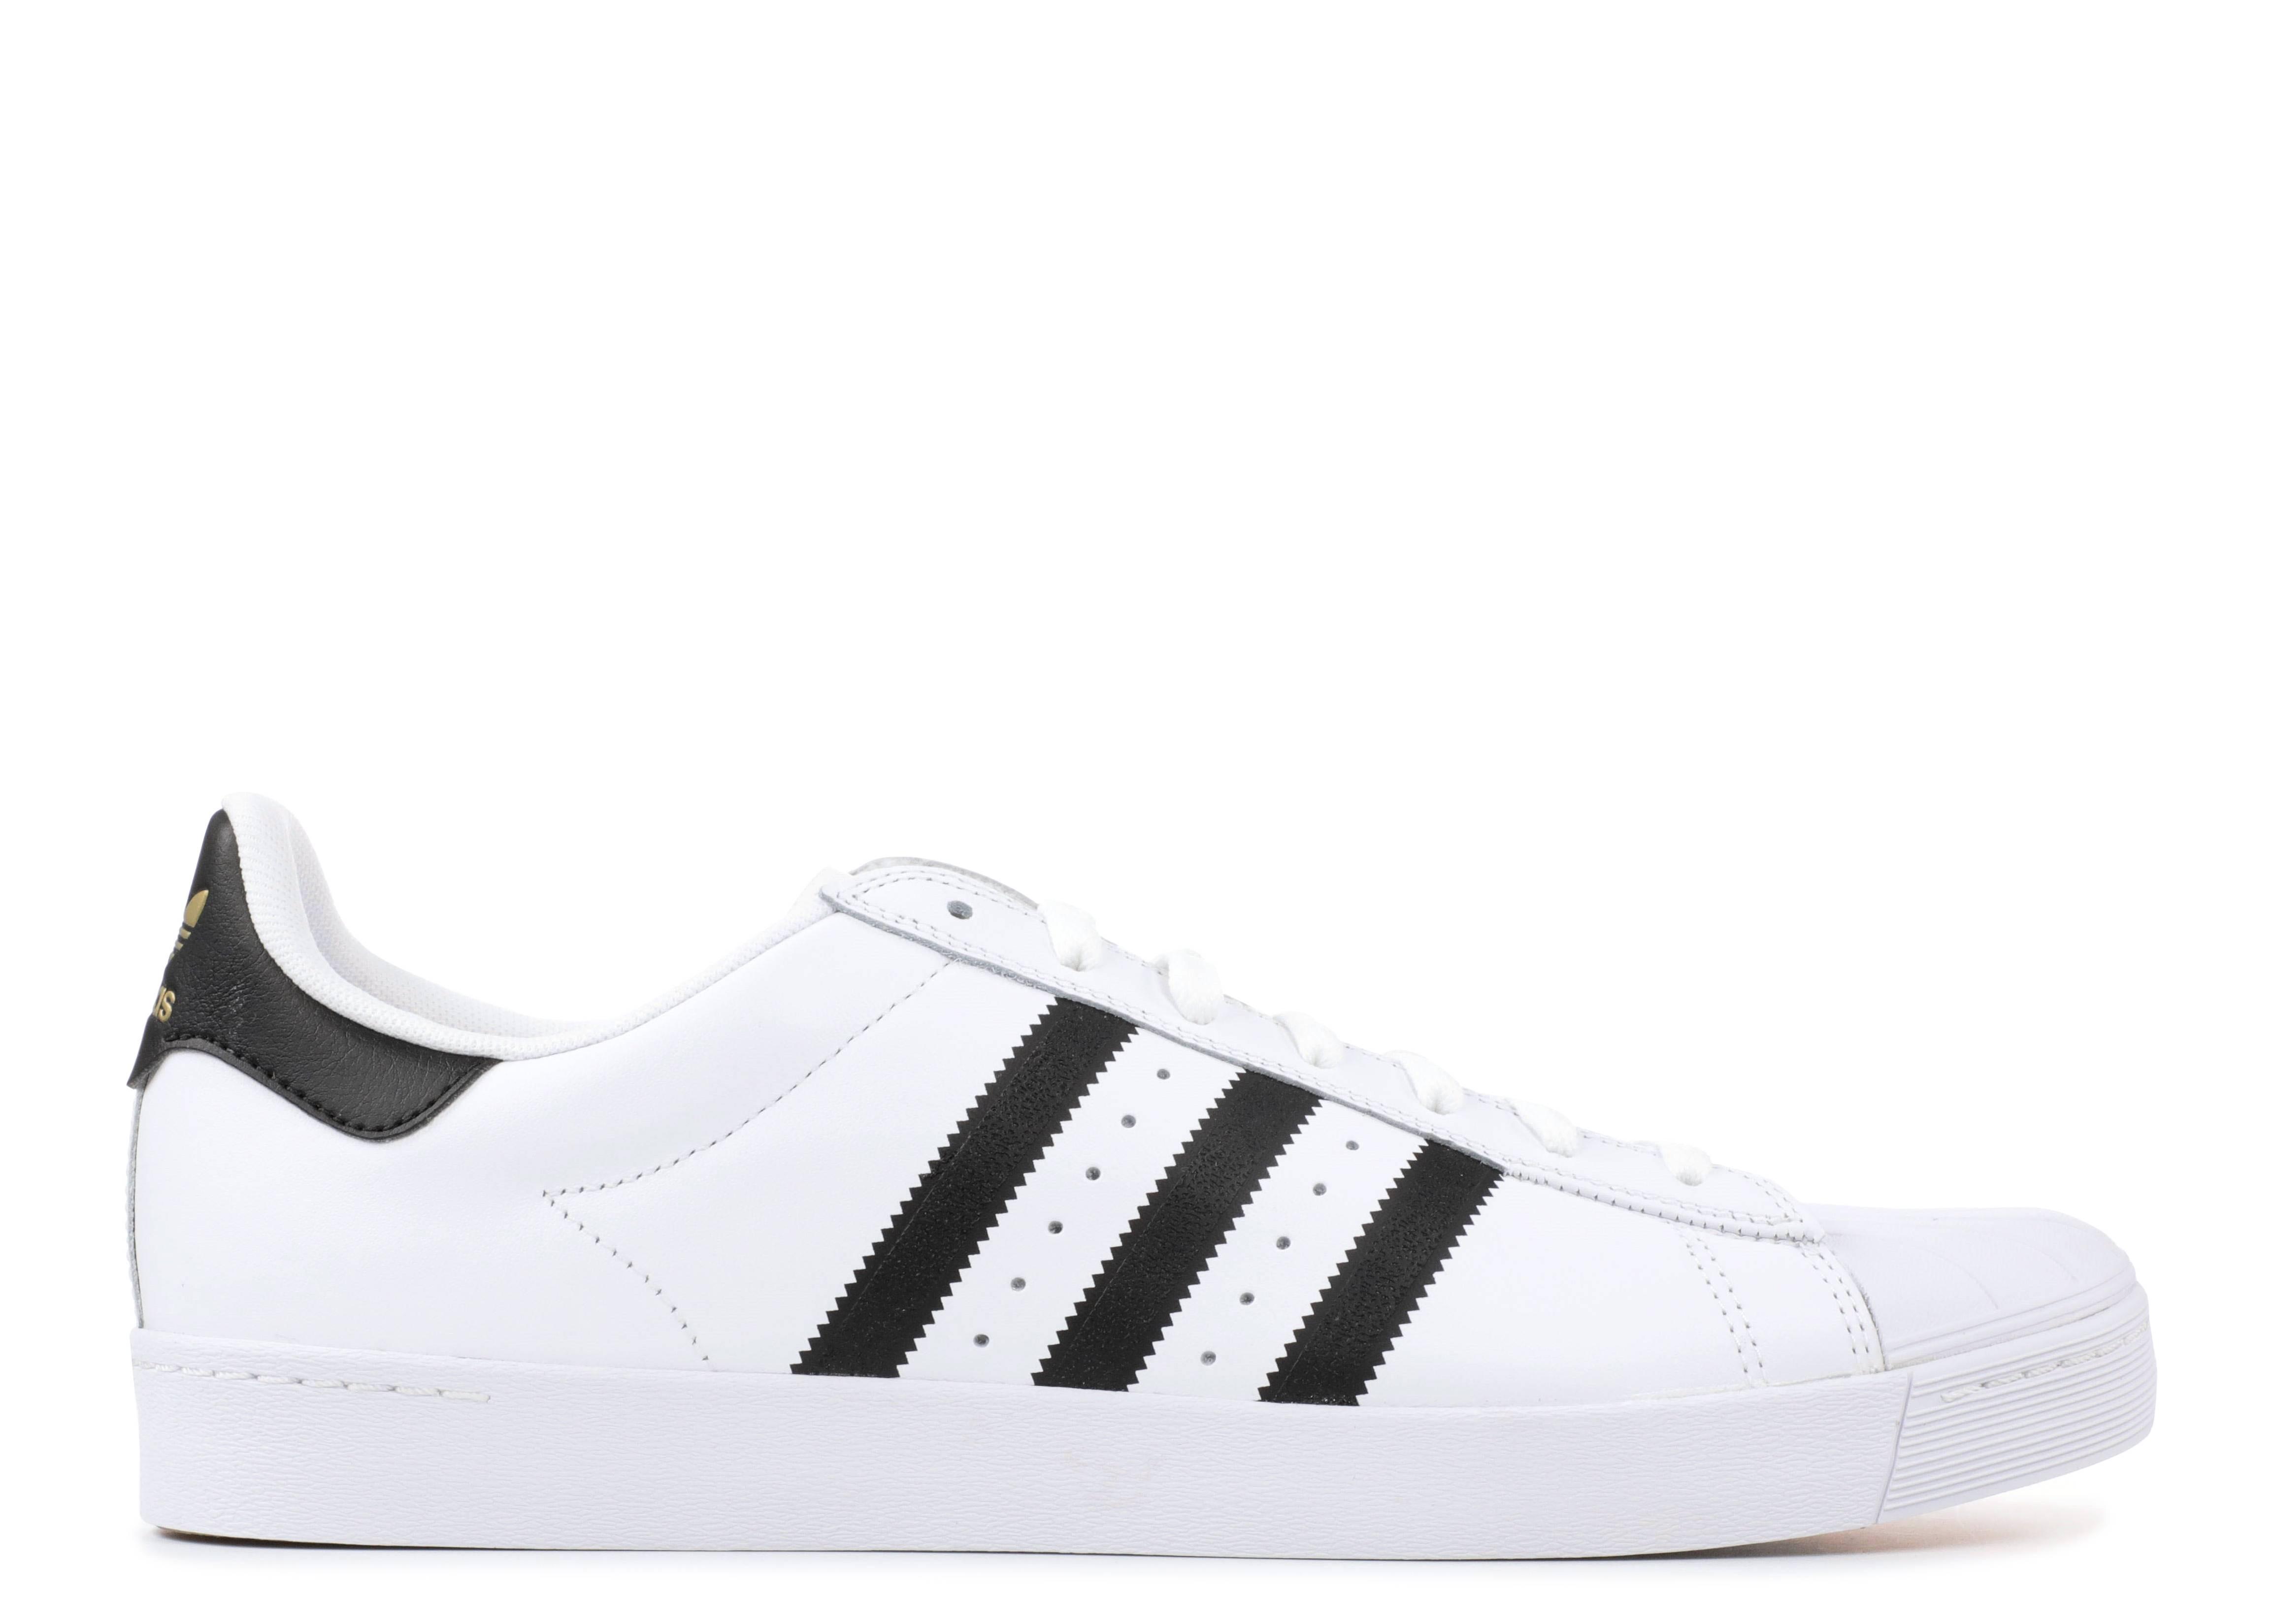 new style f55f6 6d6d5 adidas. Superstar Vulc Adv